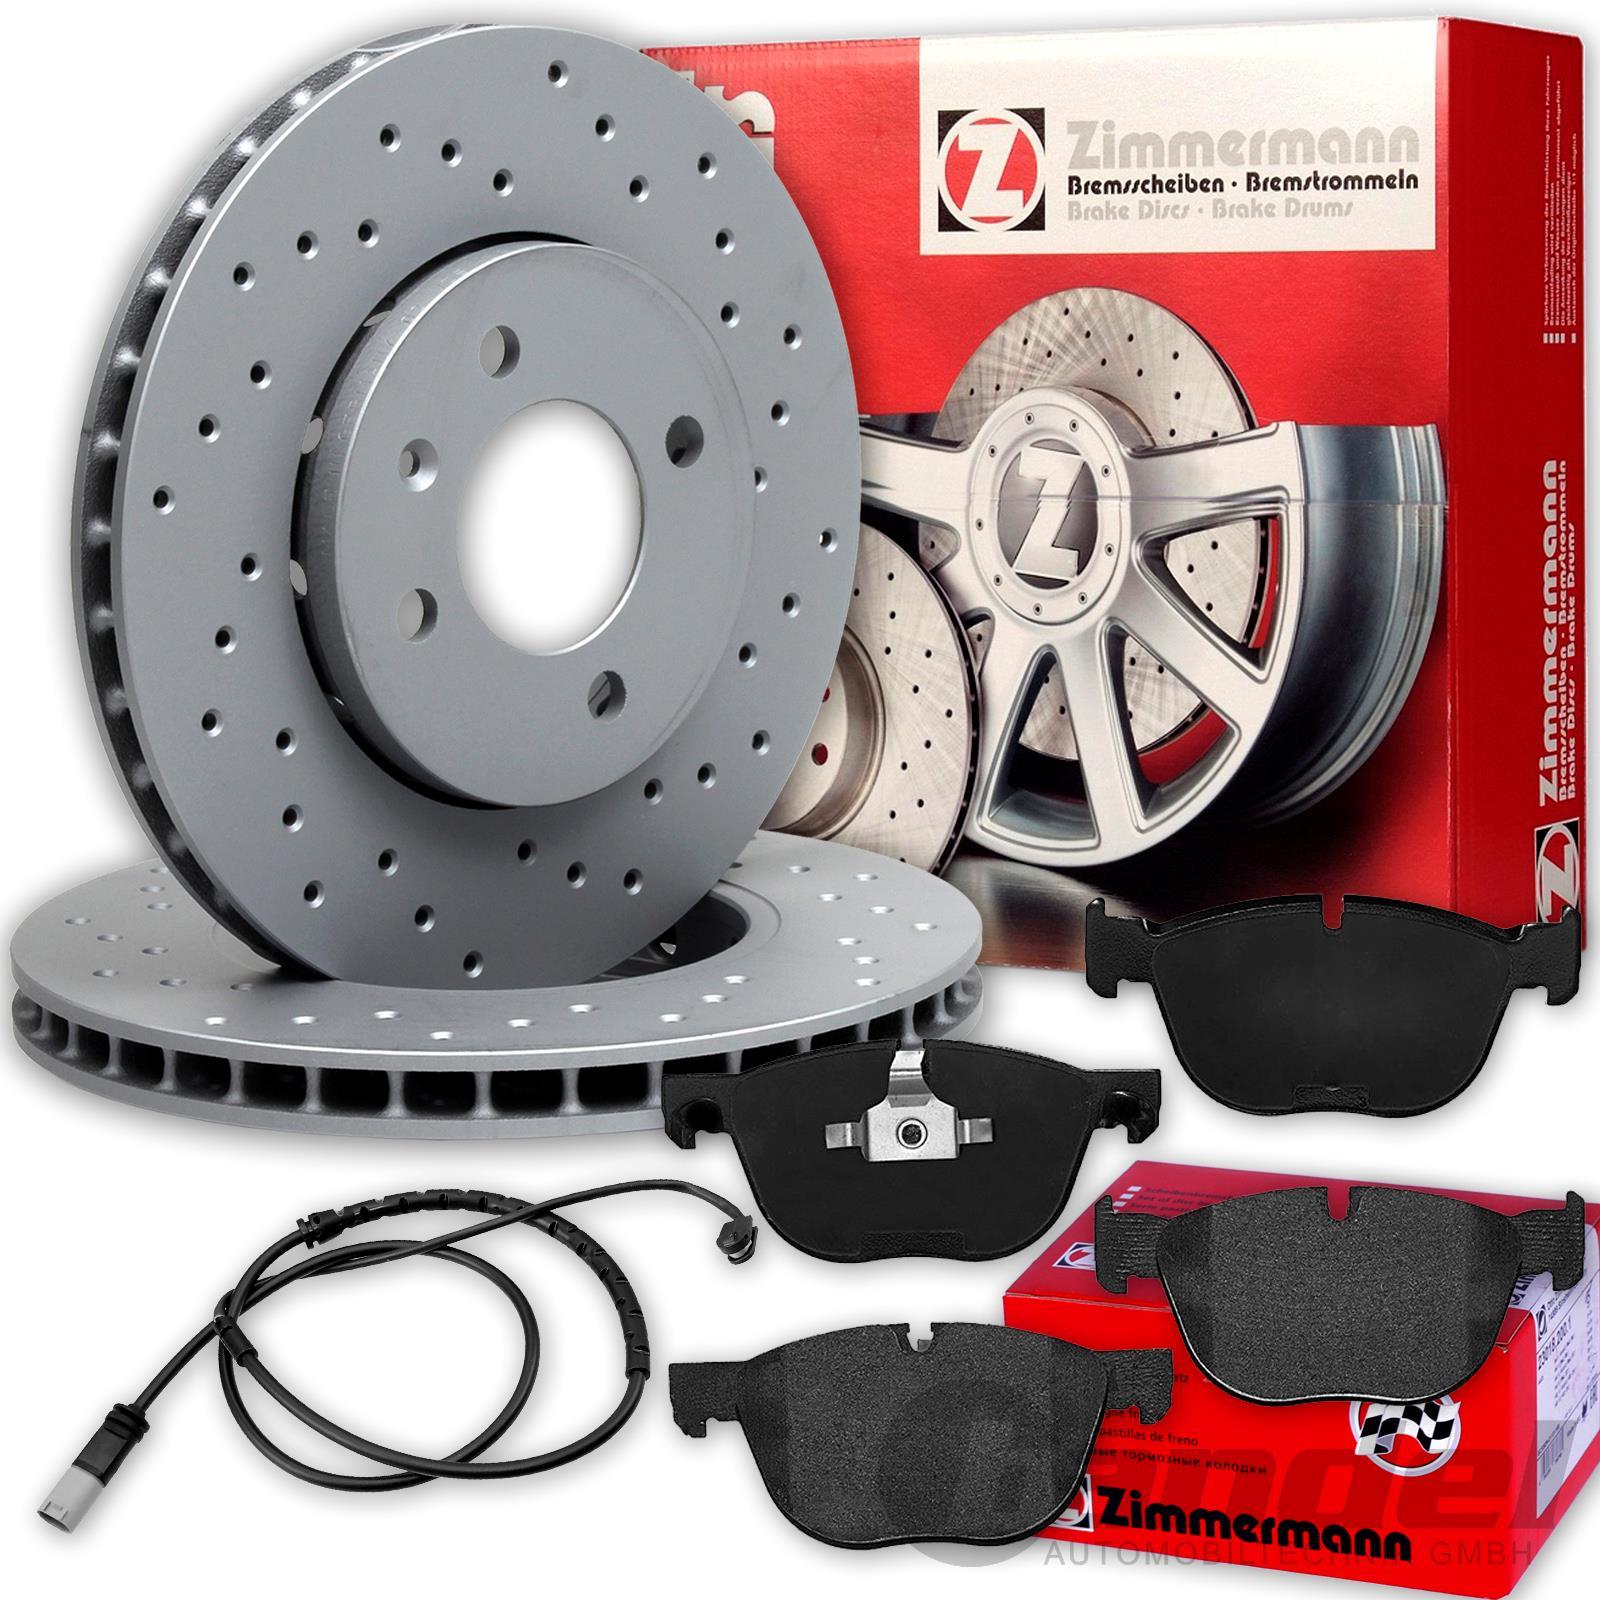 1 987 473 012 BoschWarnkontakt für Bremsbelagverschleiß Bremsbeläge Vorne